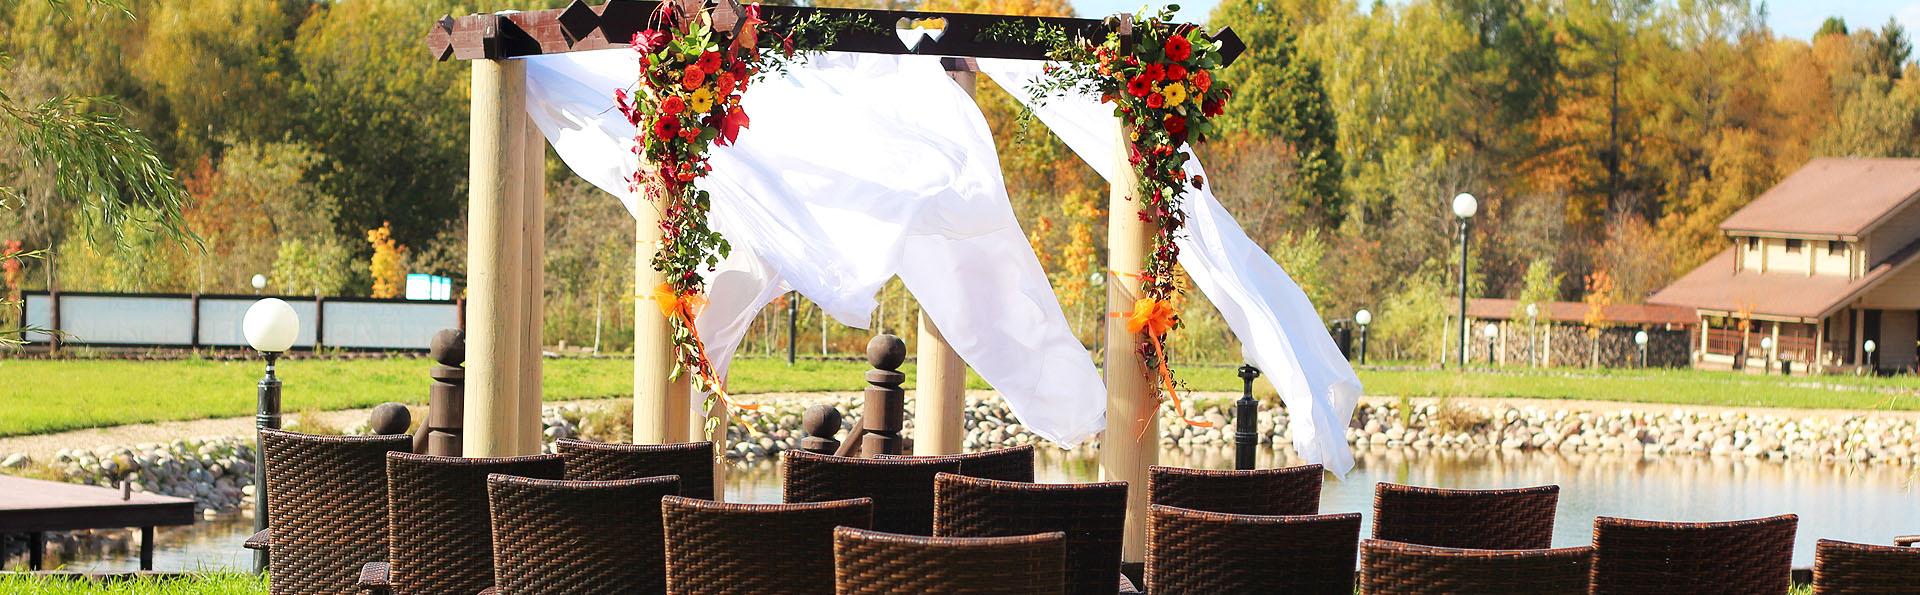 В эко-отеле «Лепота» вы сможете арендовать уютные рестораны Подмосковья для свадьбы